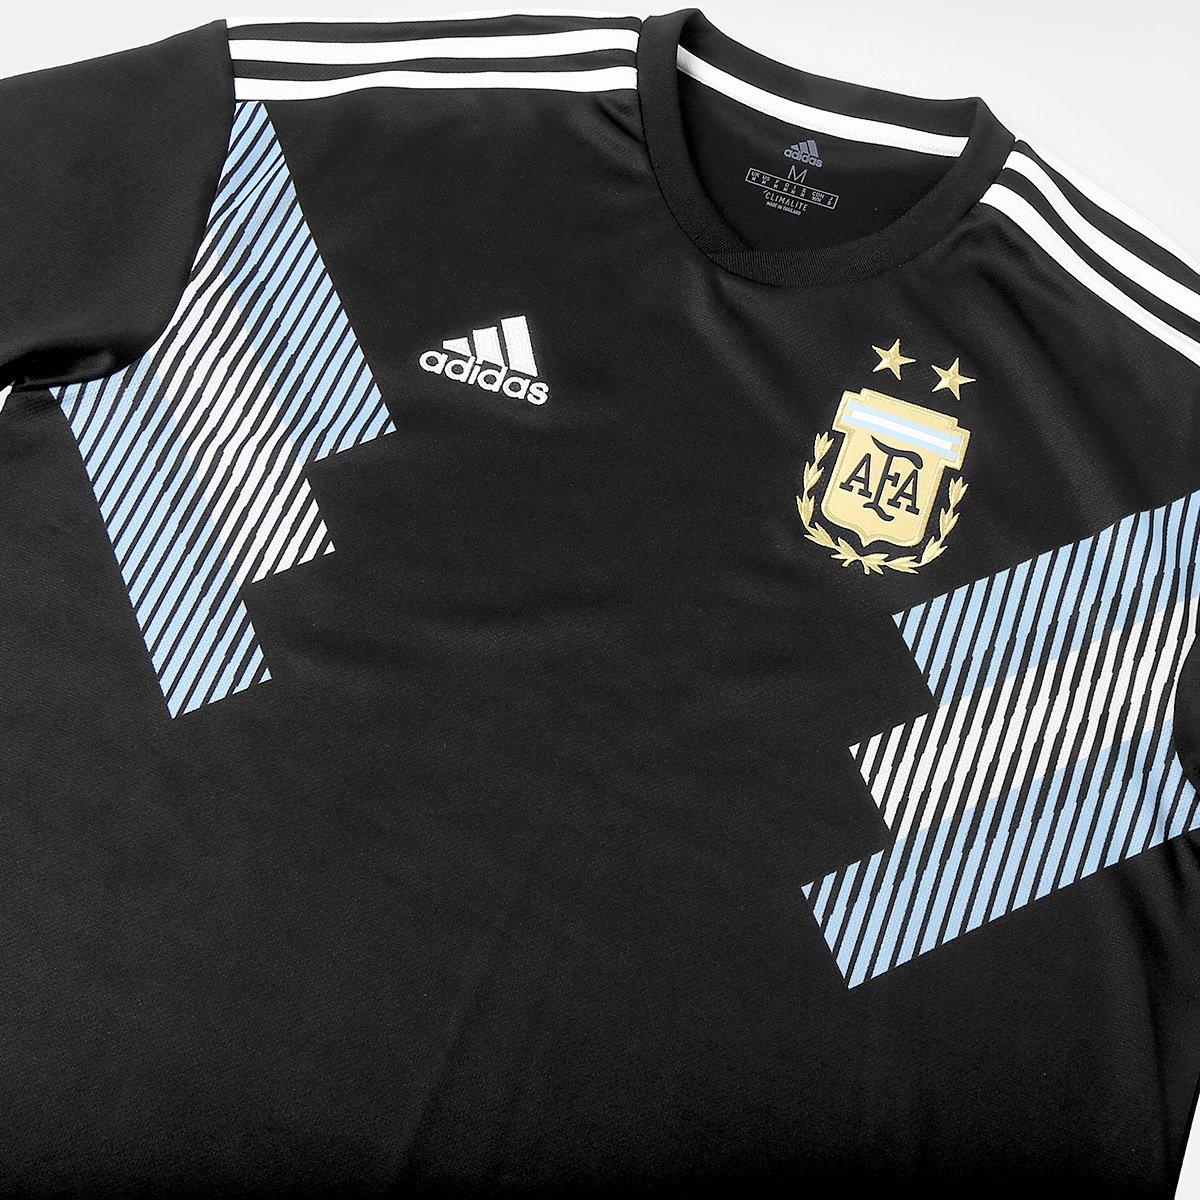 047a64facd Camisa Seleção Argentina Away 18 19 s n° - Torcedor Adidas Masculina ...